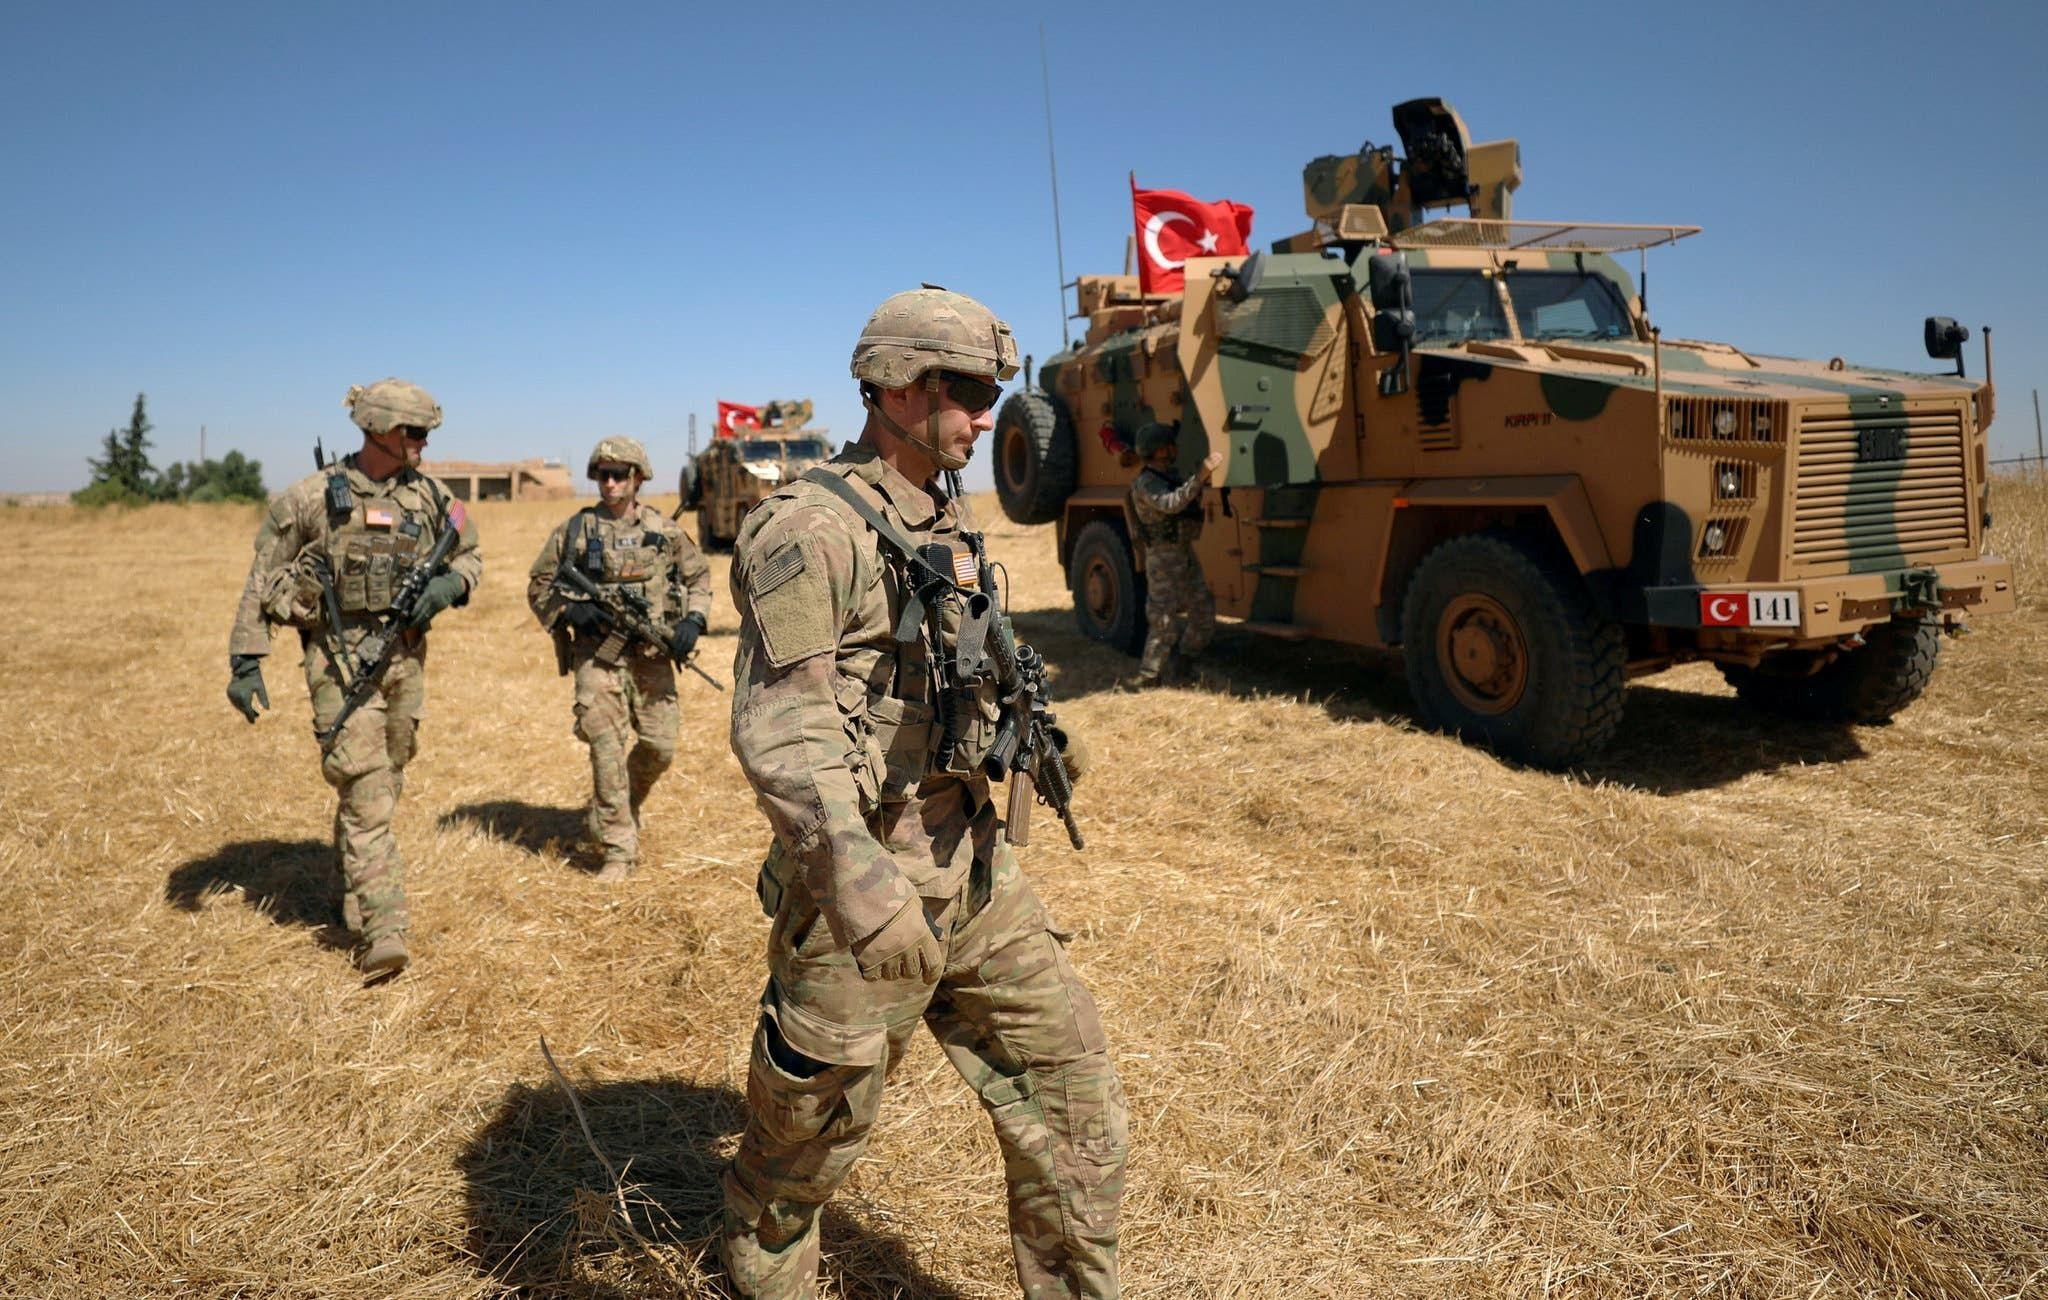 جنود أميركا خلال الدوريات الأميركية التركية المشتركة بسوريا